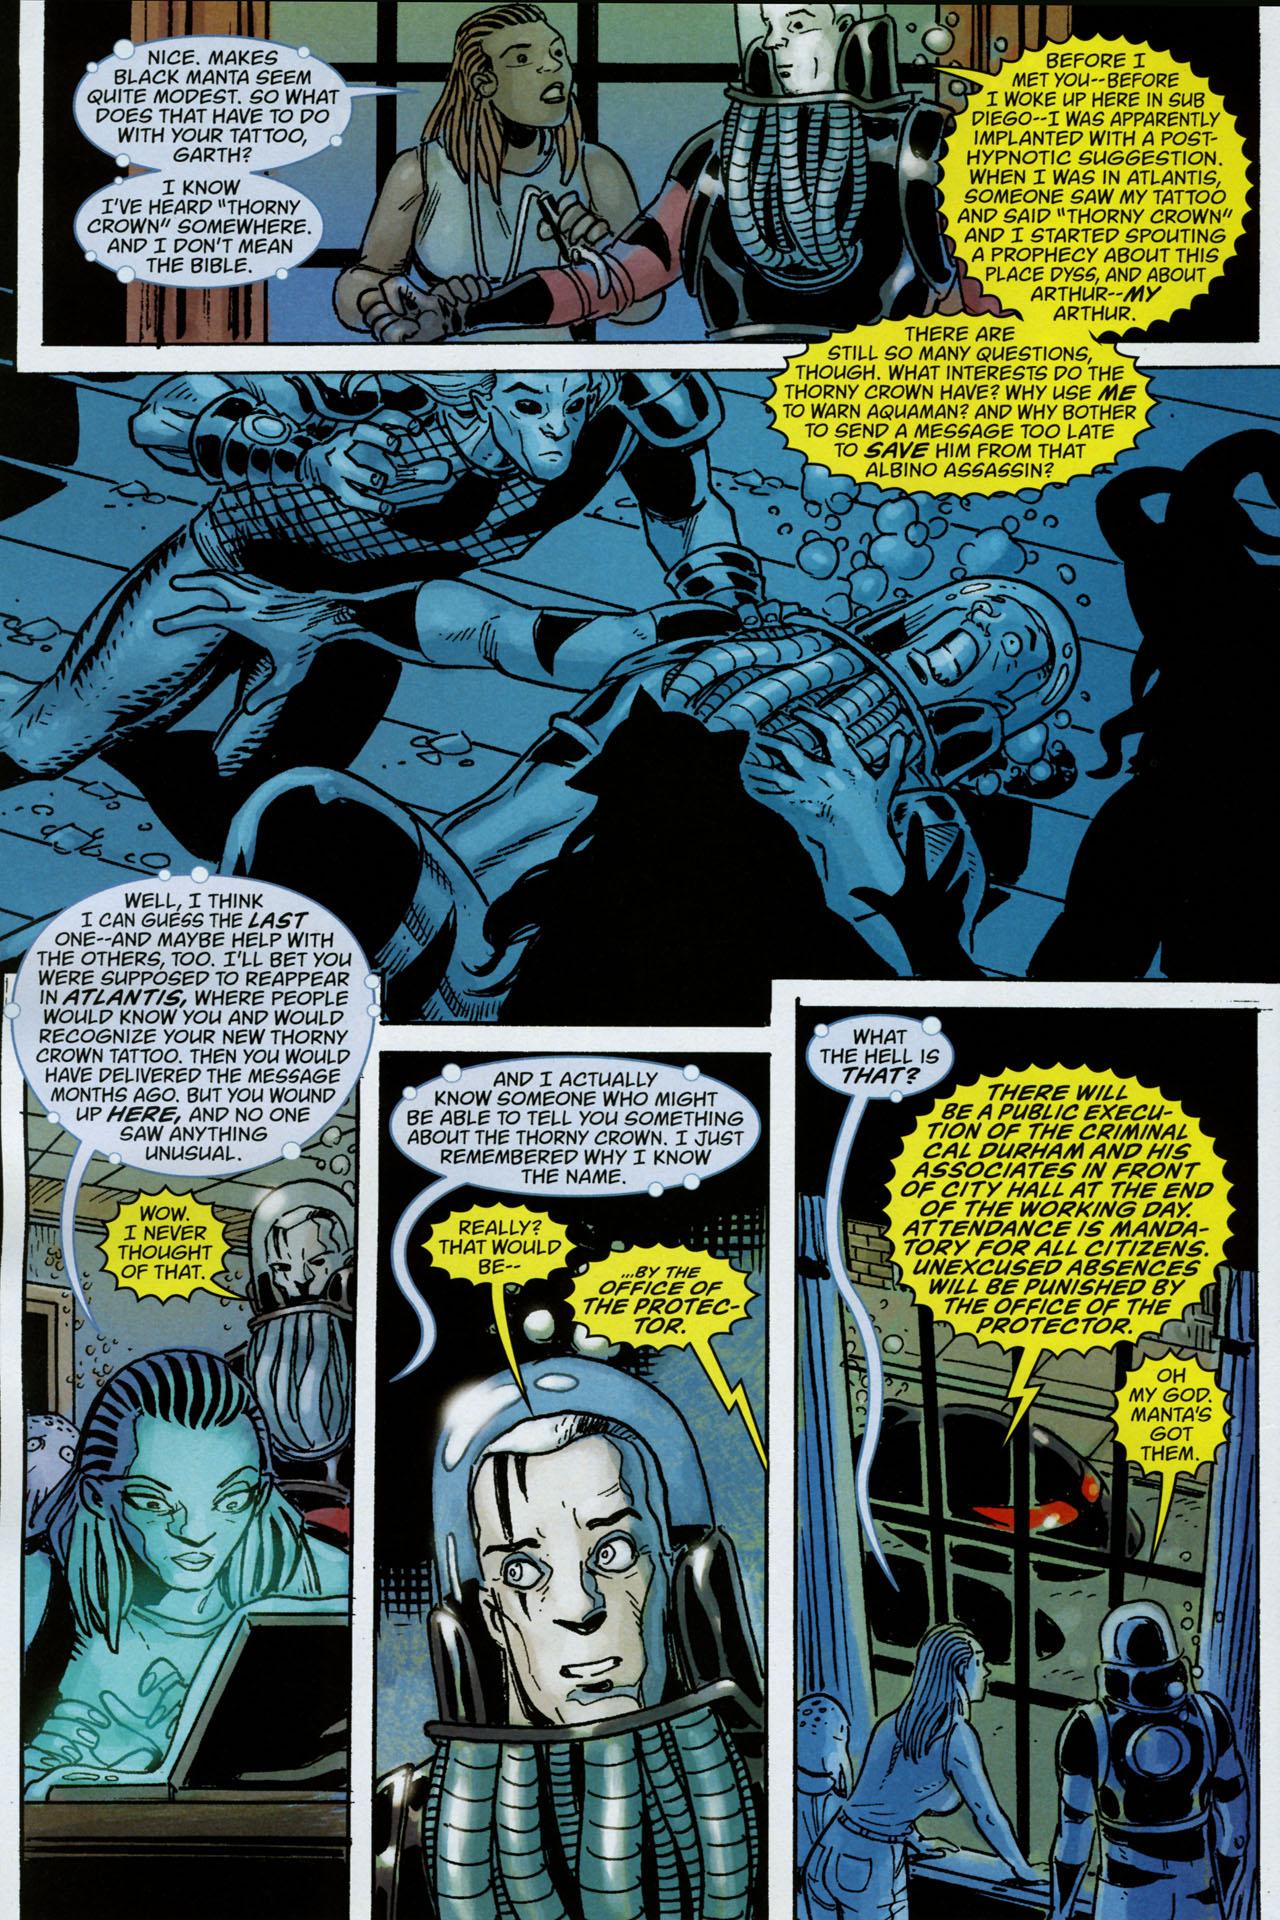 Read online Aquaman: Sword of Atlantis comic -  Issue #53 - 7